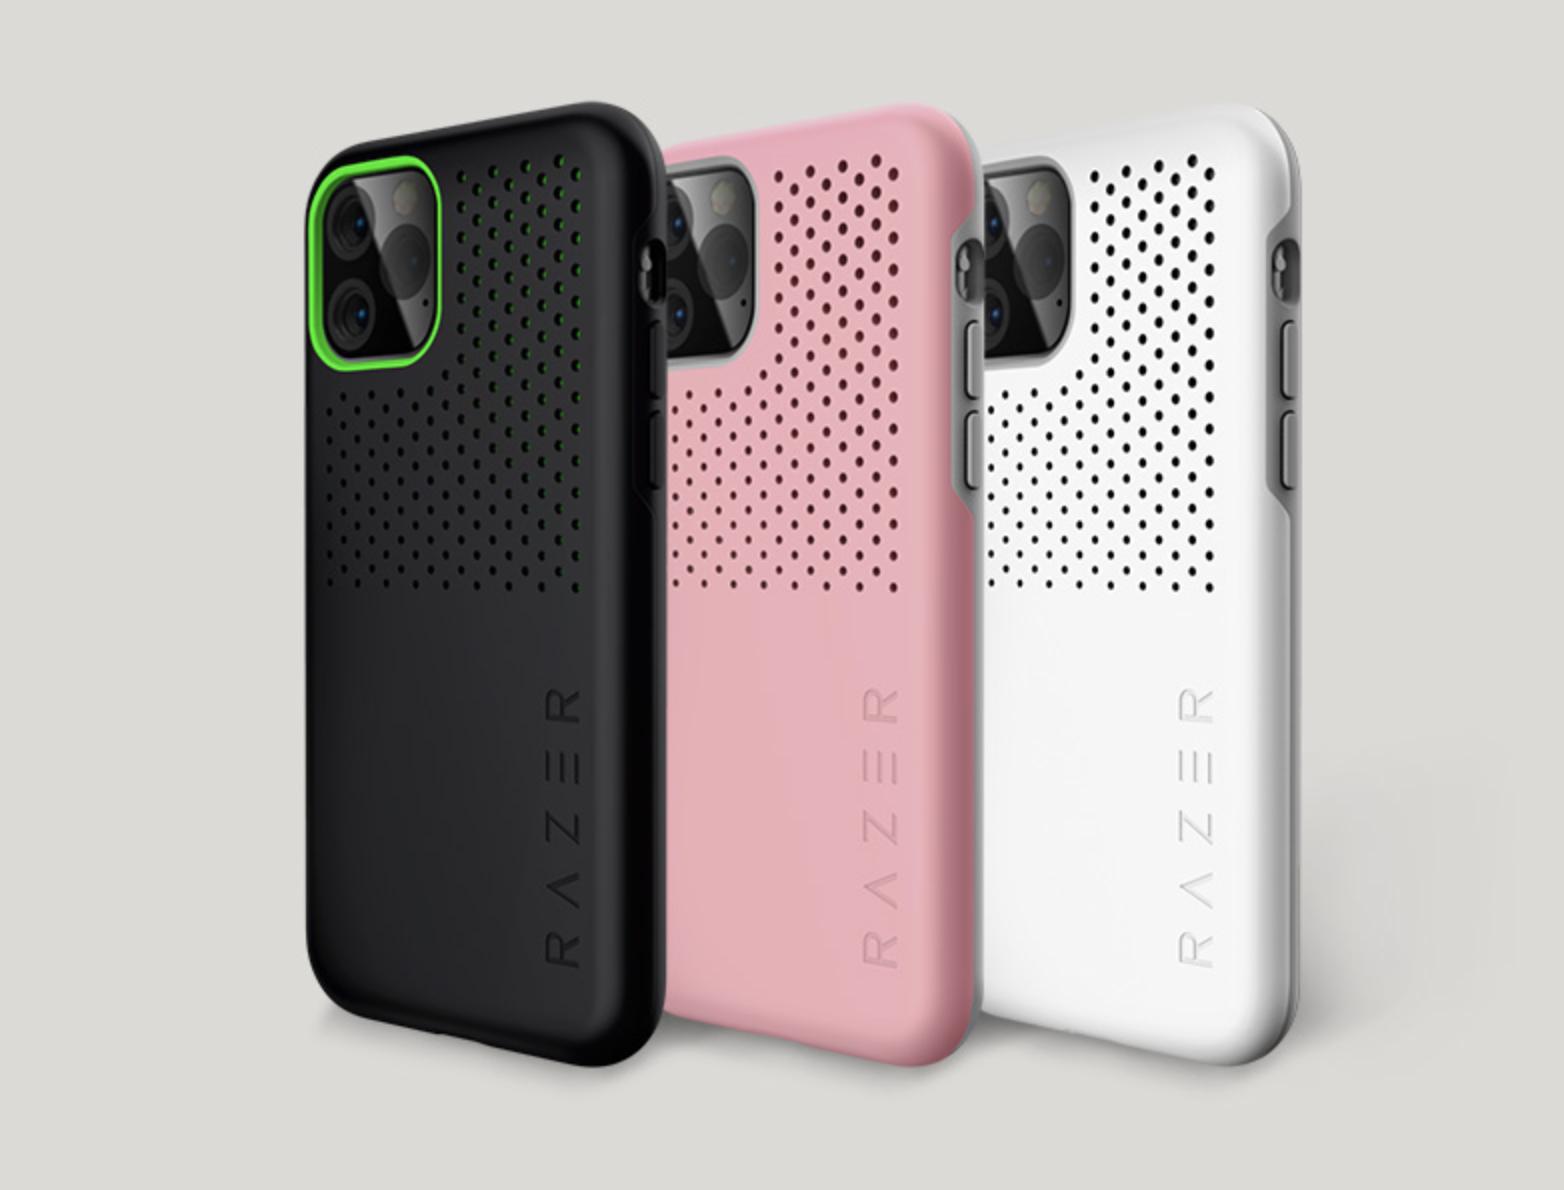 雷蛇的这款手机壳是与 iPhone 11 系列同步上市的,除了最新的三款新 iPhone,它还支持 2018 年发布的 iPhone XR、iPhone XS、iPhone XS Max,以及自家的游戏手机 Razer Phone 2。 从这里也能看出,这款雷蛇冰铠并不是贴个牌、蹭个热度那么简单。它支持三米的跌落测试,同规格的防摔手机壳,价格也都在 200-400 元左右,与这些产品相比,雷蛇还多了散热设计、不错的外观,当然还有信仰加成。 如果你是手机游戏的重度玩家,或者是雷蛇信仰粉,这款雷蛇冰铠手机壳还